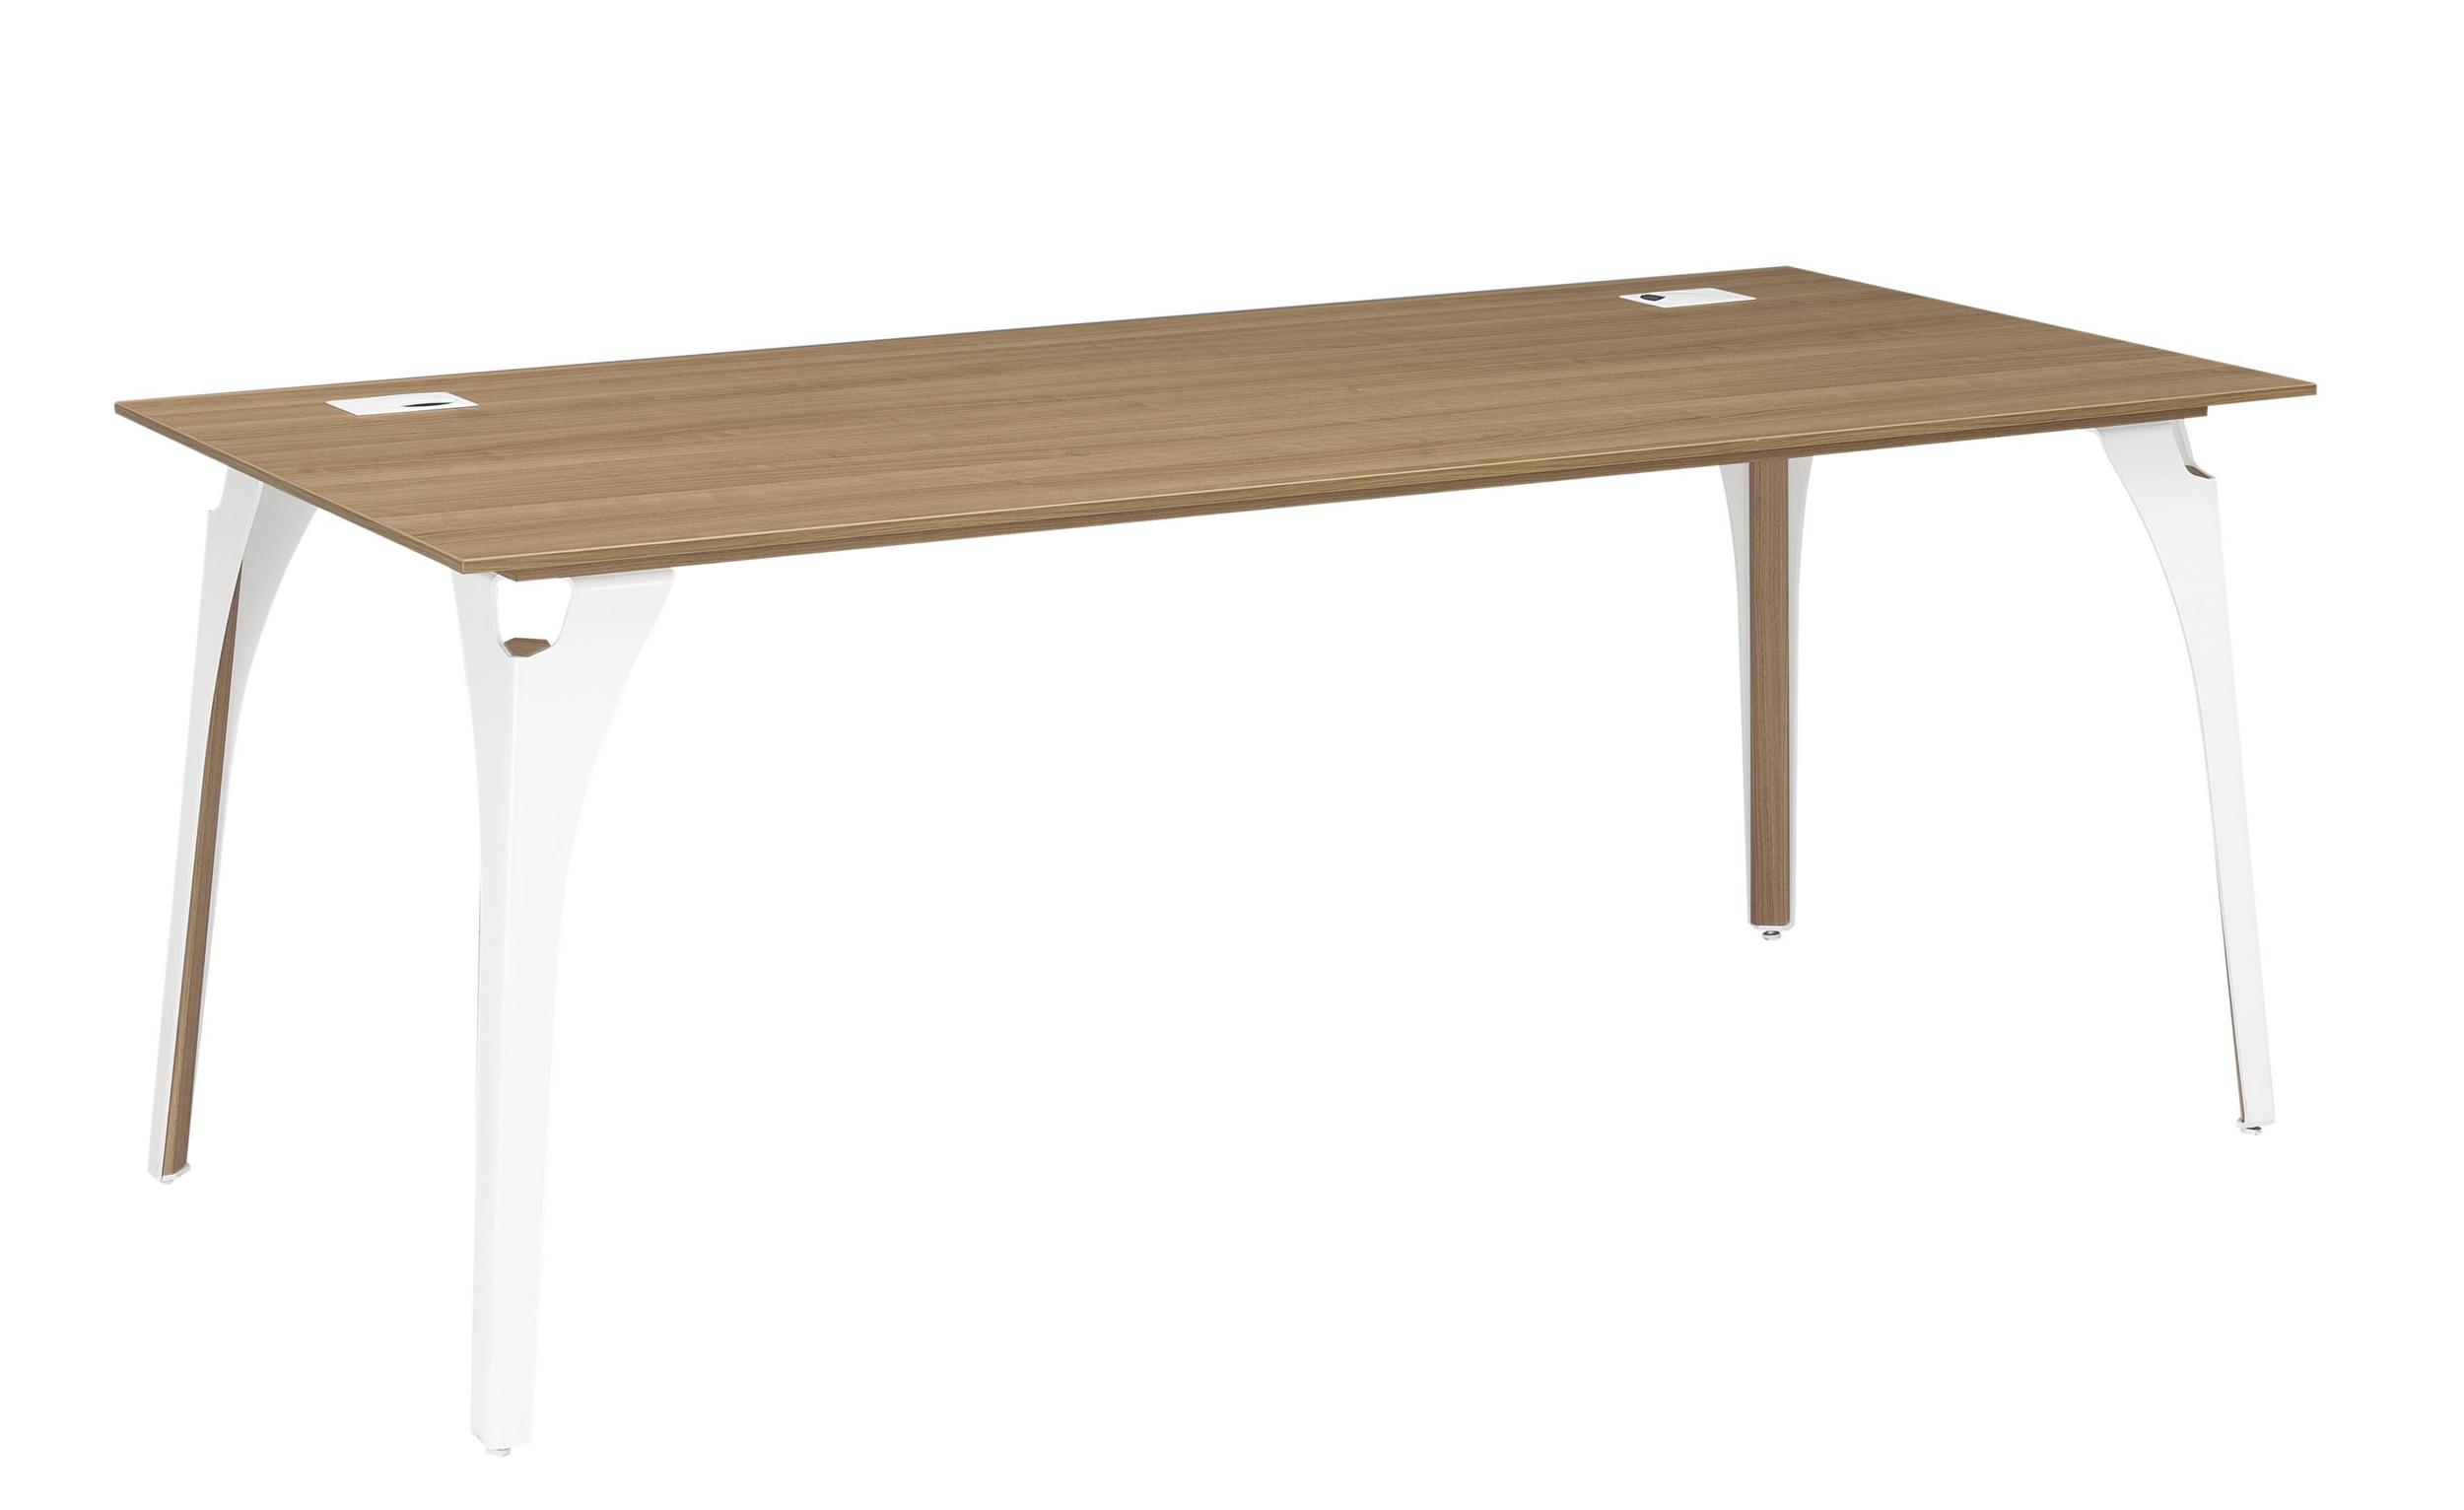 xenon merisier bureau pieds m tal largeur 170cm mobilier de direction par famille xenon